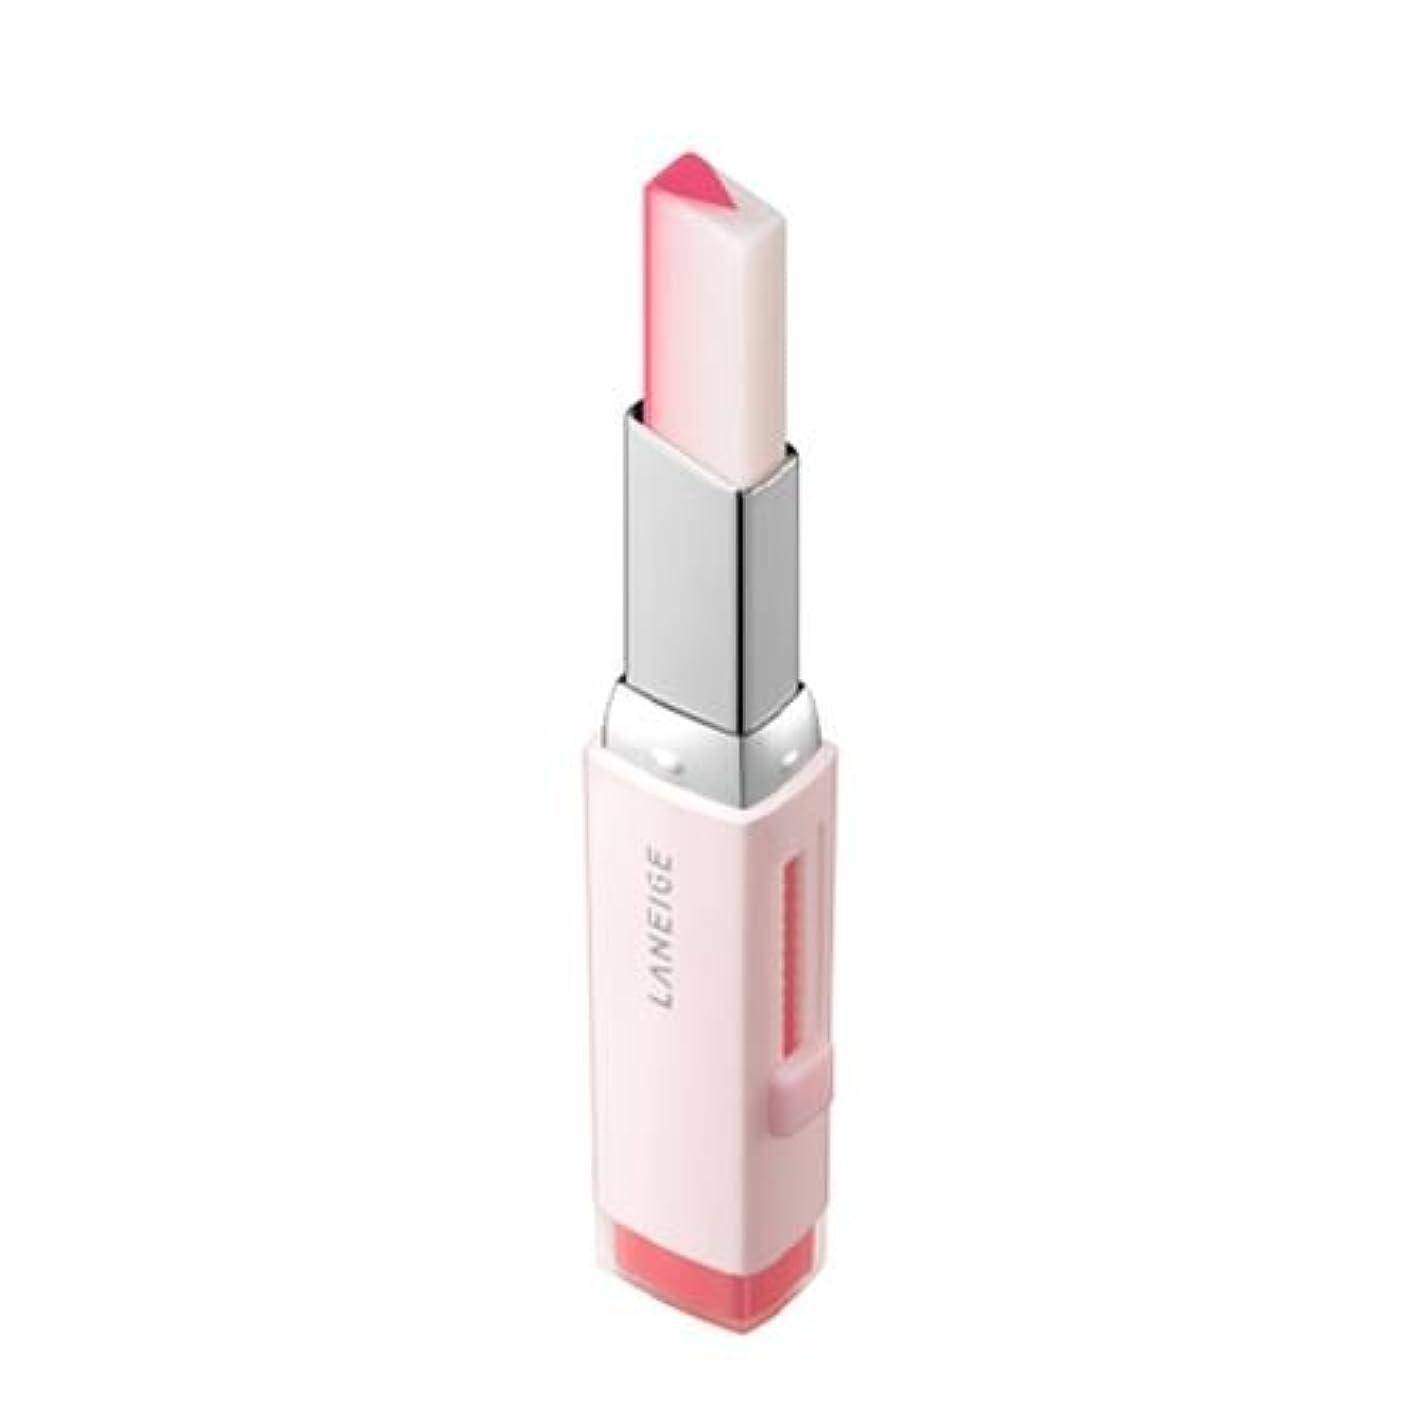 ビクター手足場所[New] LANEIGE Two Tone Tint Lip Bar 2g/ラネージュ ツー トーン ティント リップ バー 2g (#01 Cotton Candy) [並行輸入品]